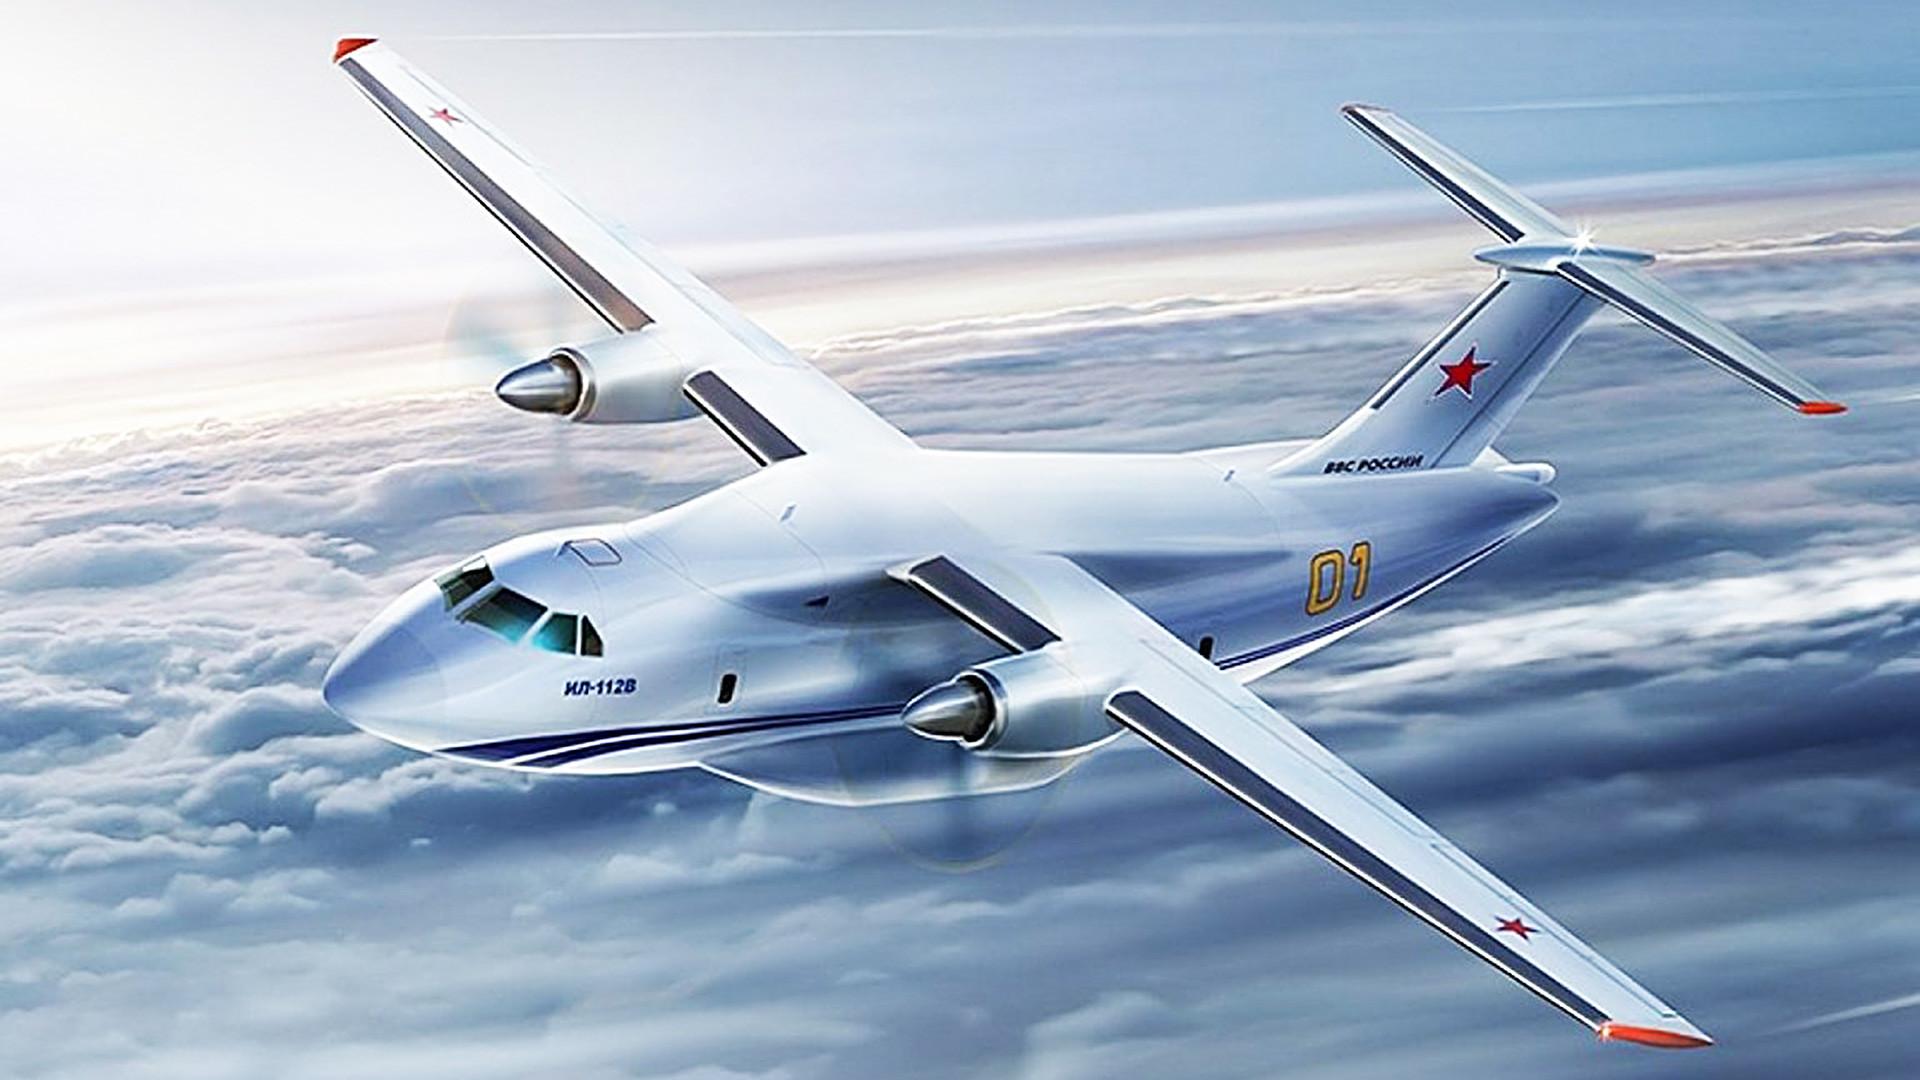 ロシアの新型軍用輸送機:2018年末までにテスト完了の見込み - ロシア ...